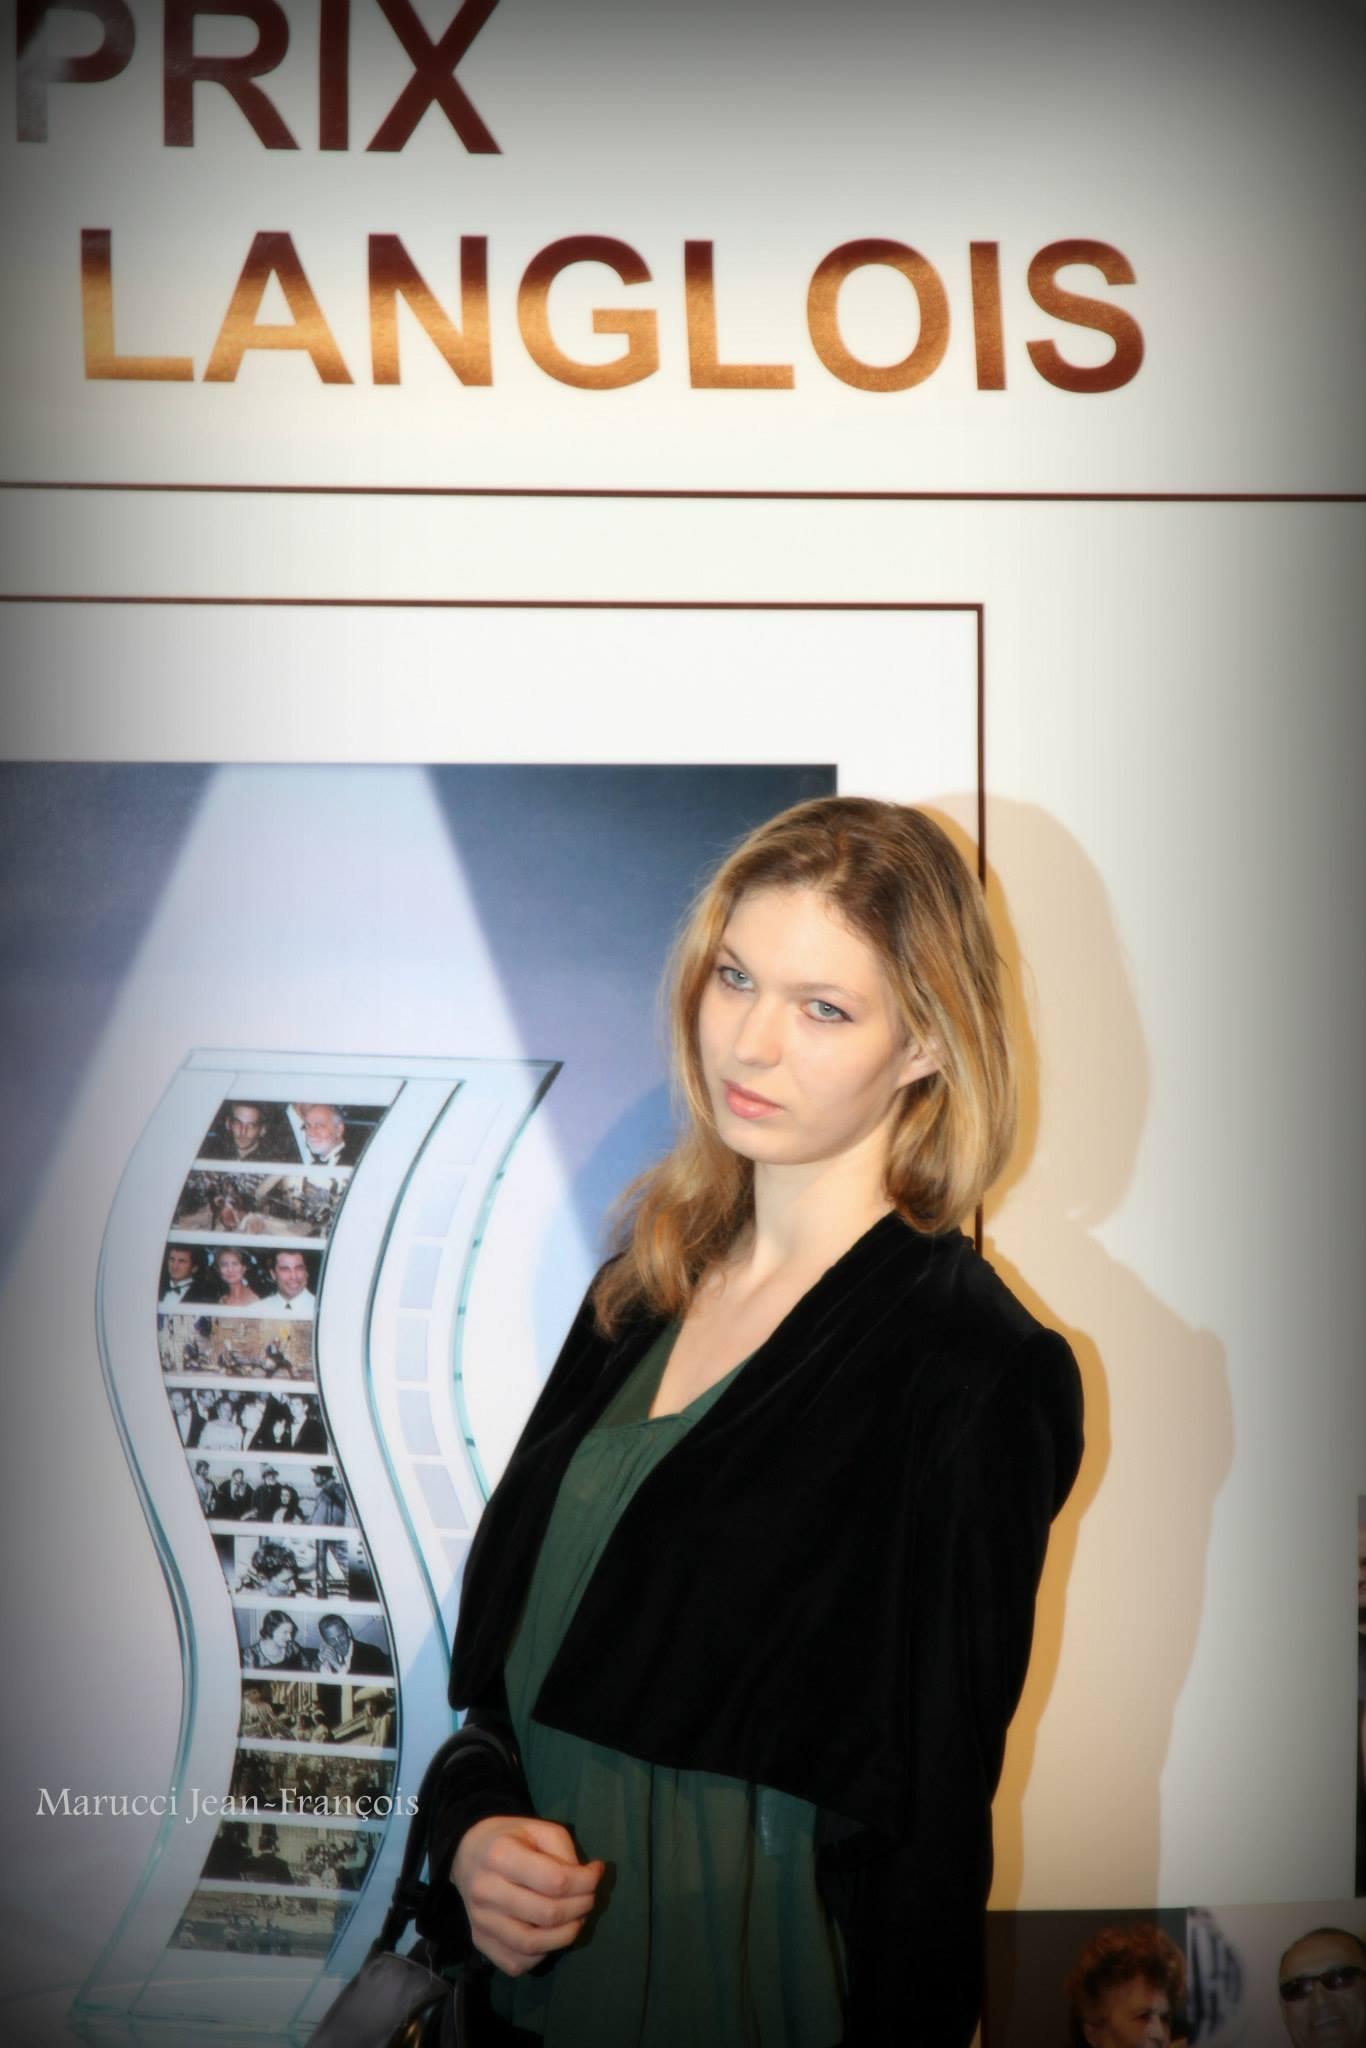 photo Melissa Mourer Ordener attend Prix Henri Langlois at UNESCO telechargement gratuit